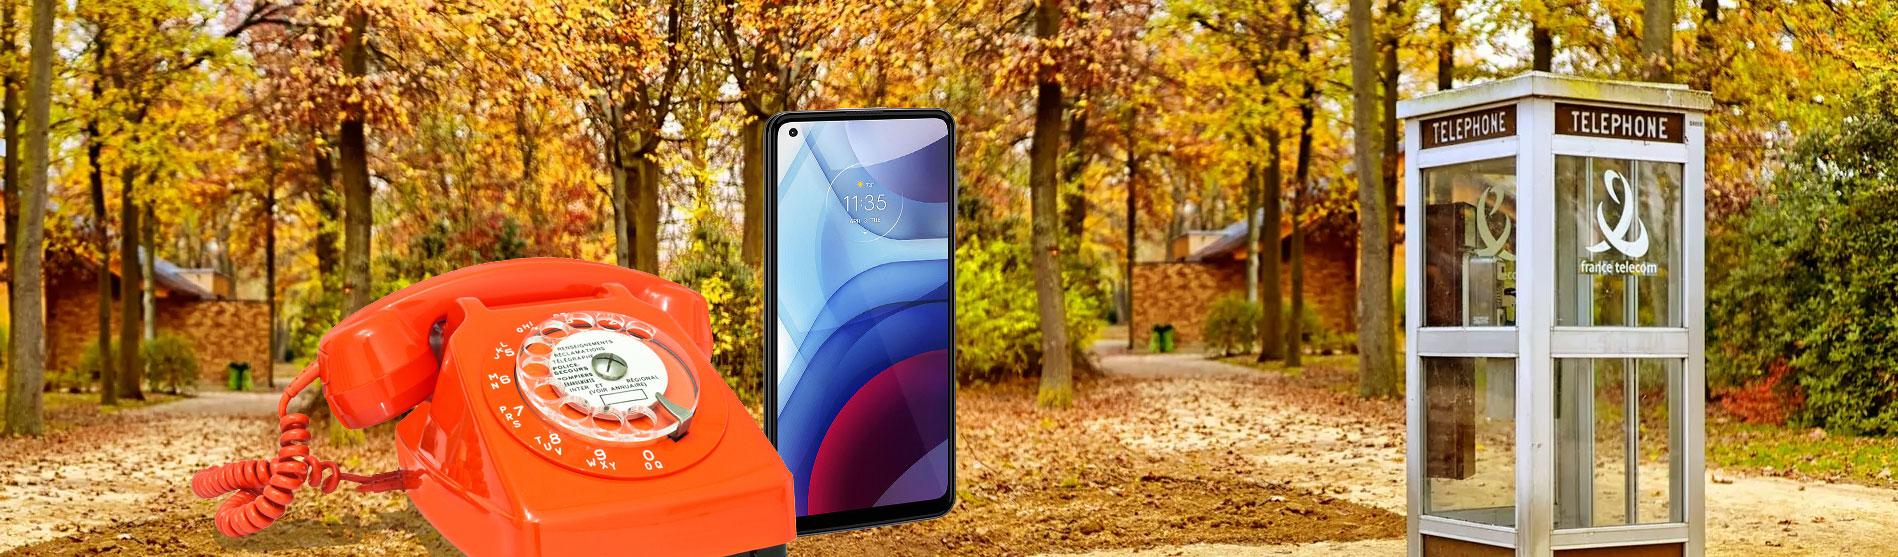 Tous les magasins de téléphonie mobile en France